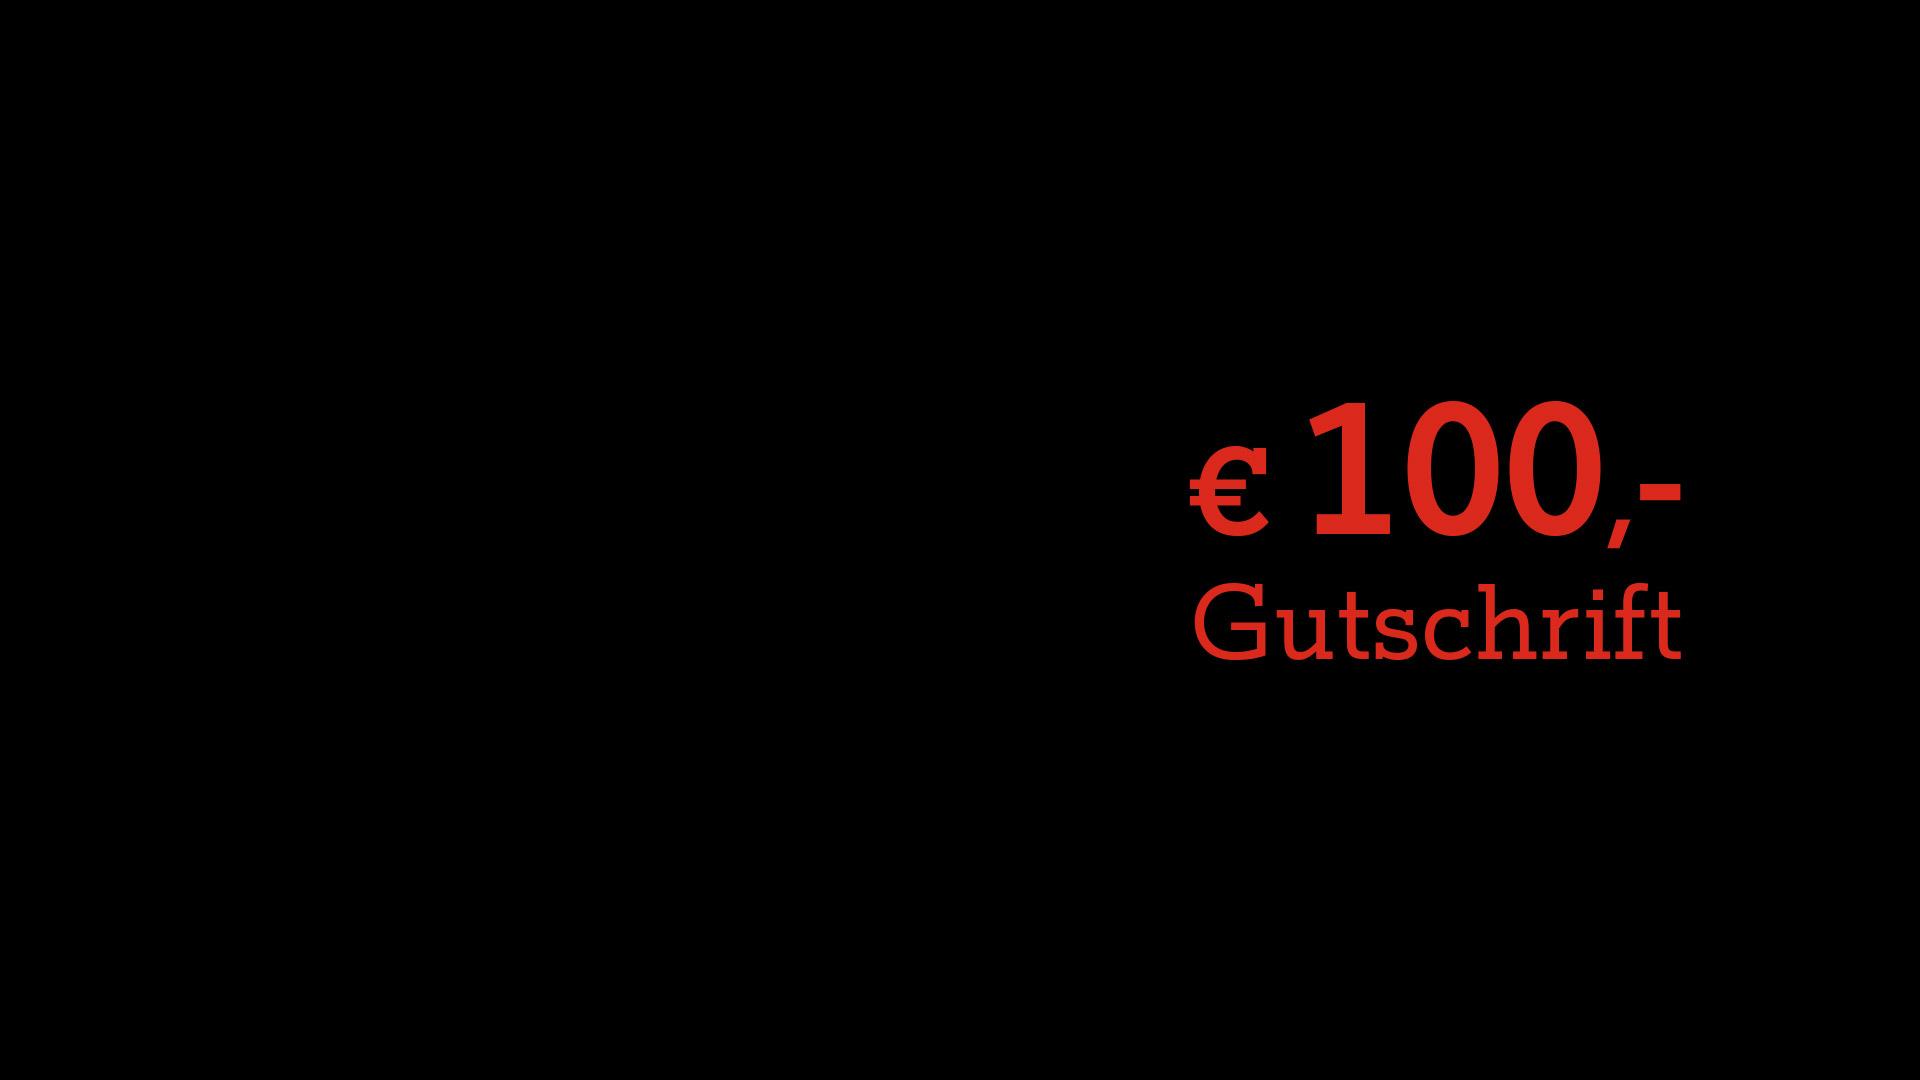 € 100,- Gutschrift